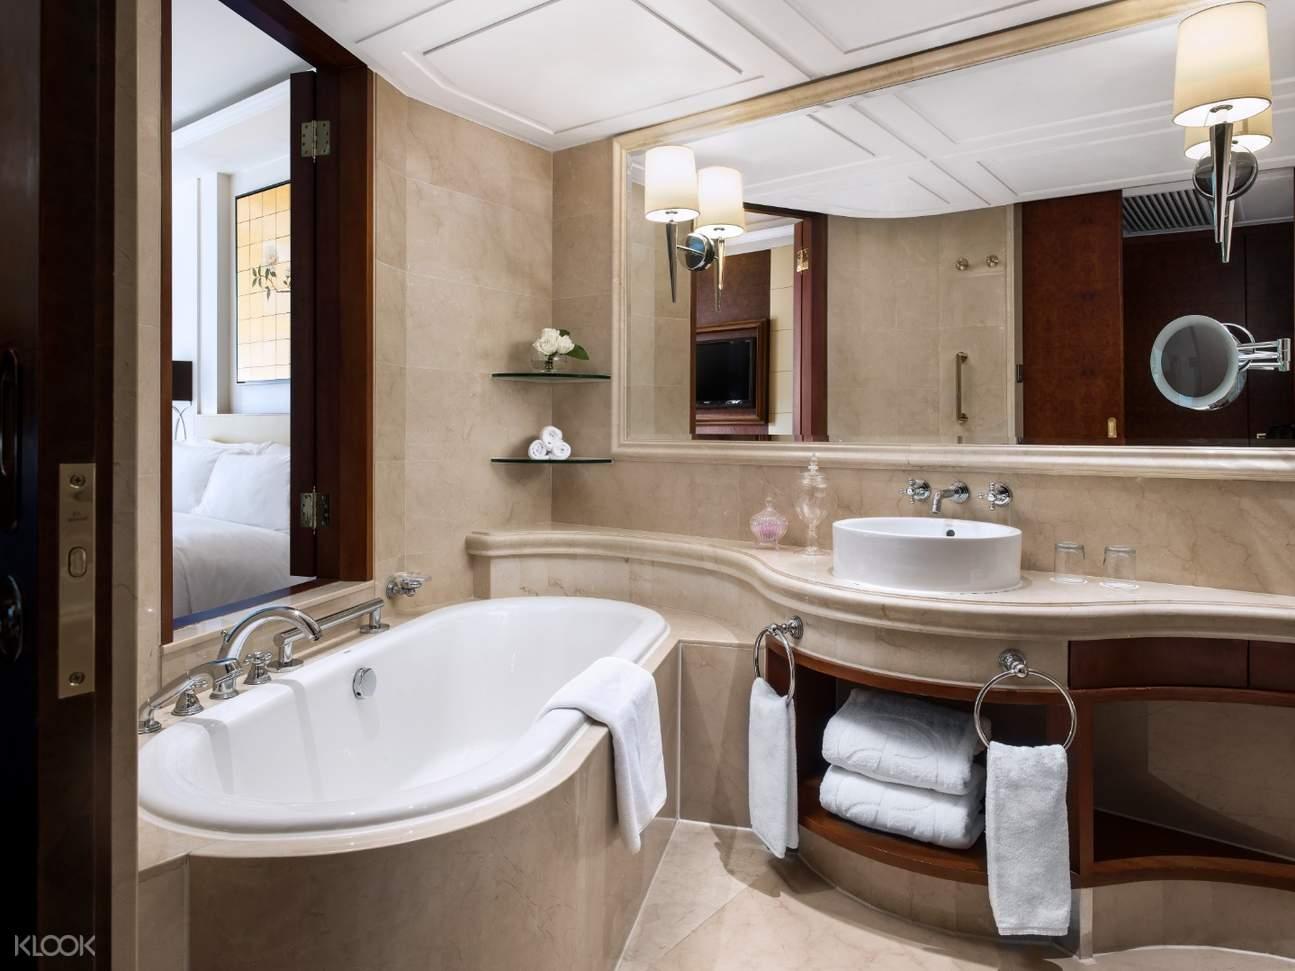 內園景高級客房 浴室